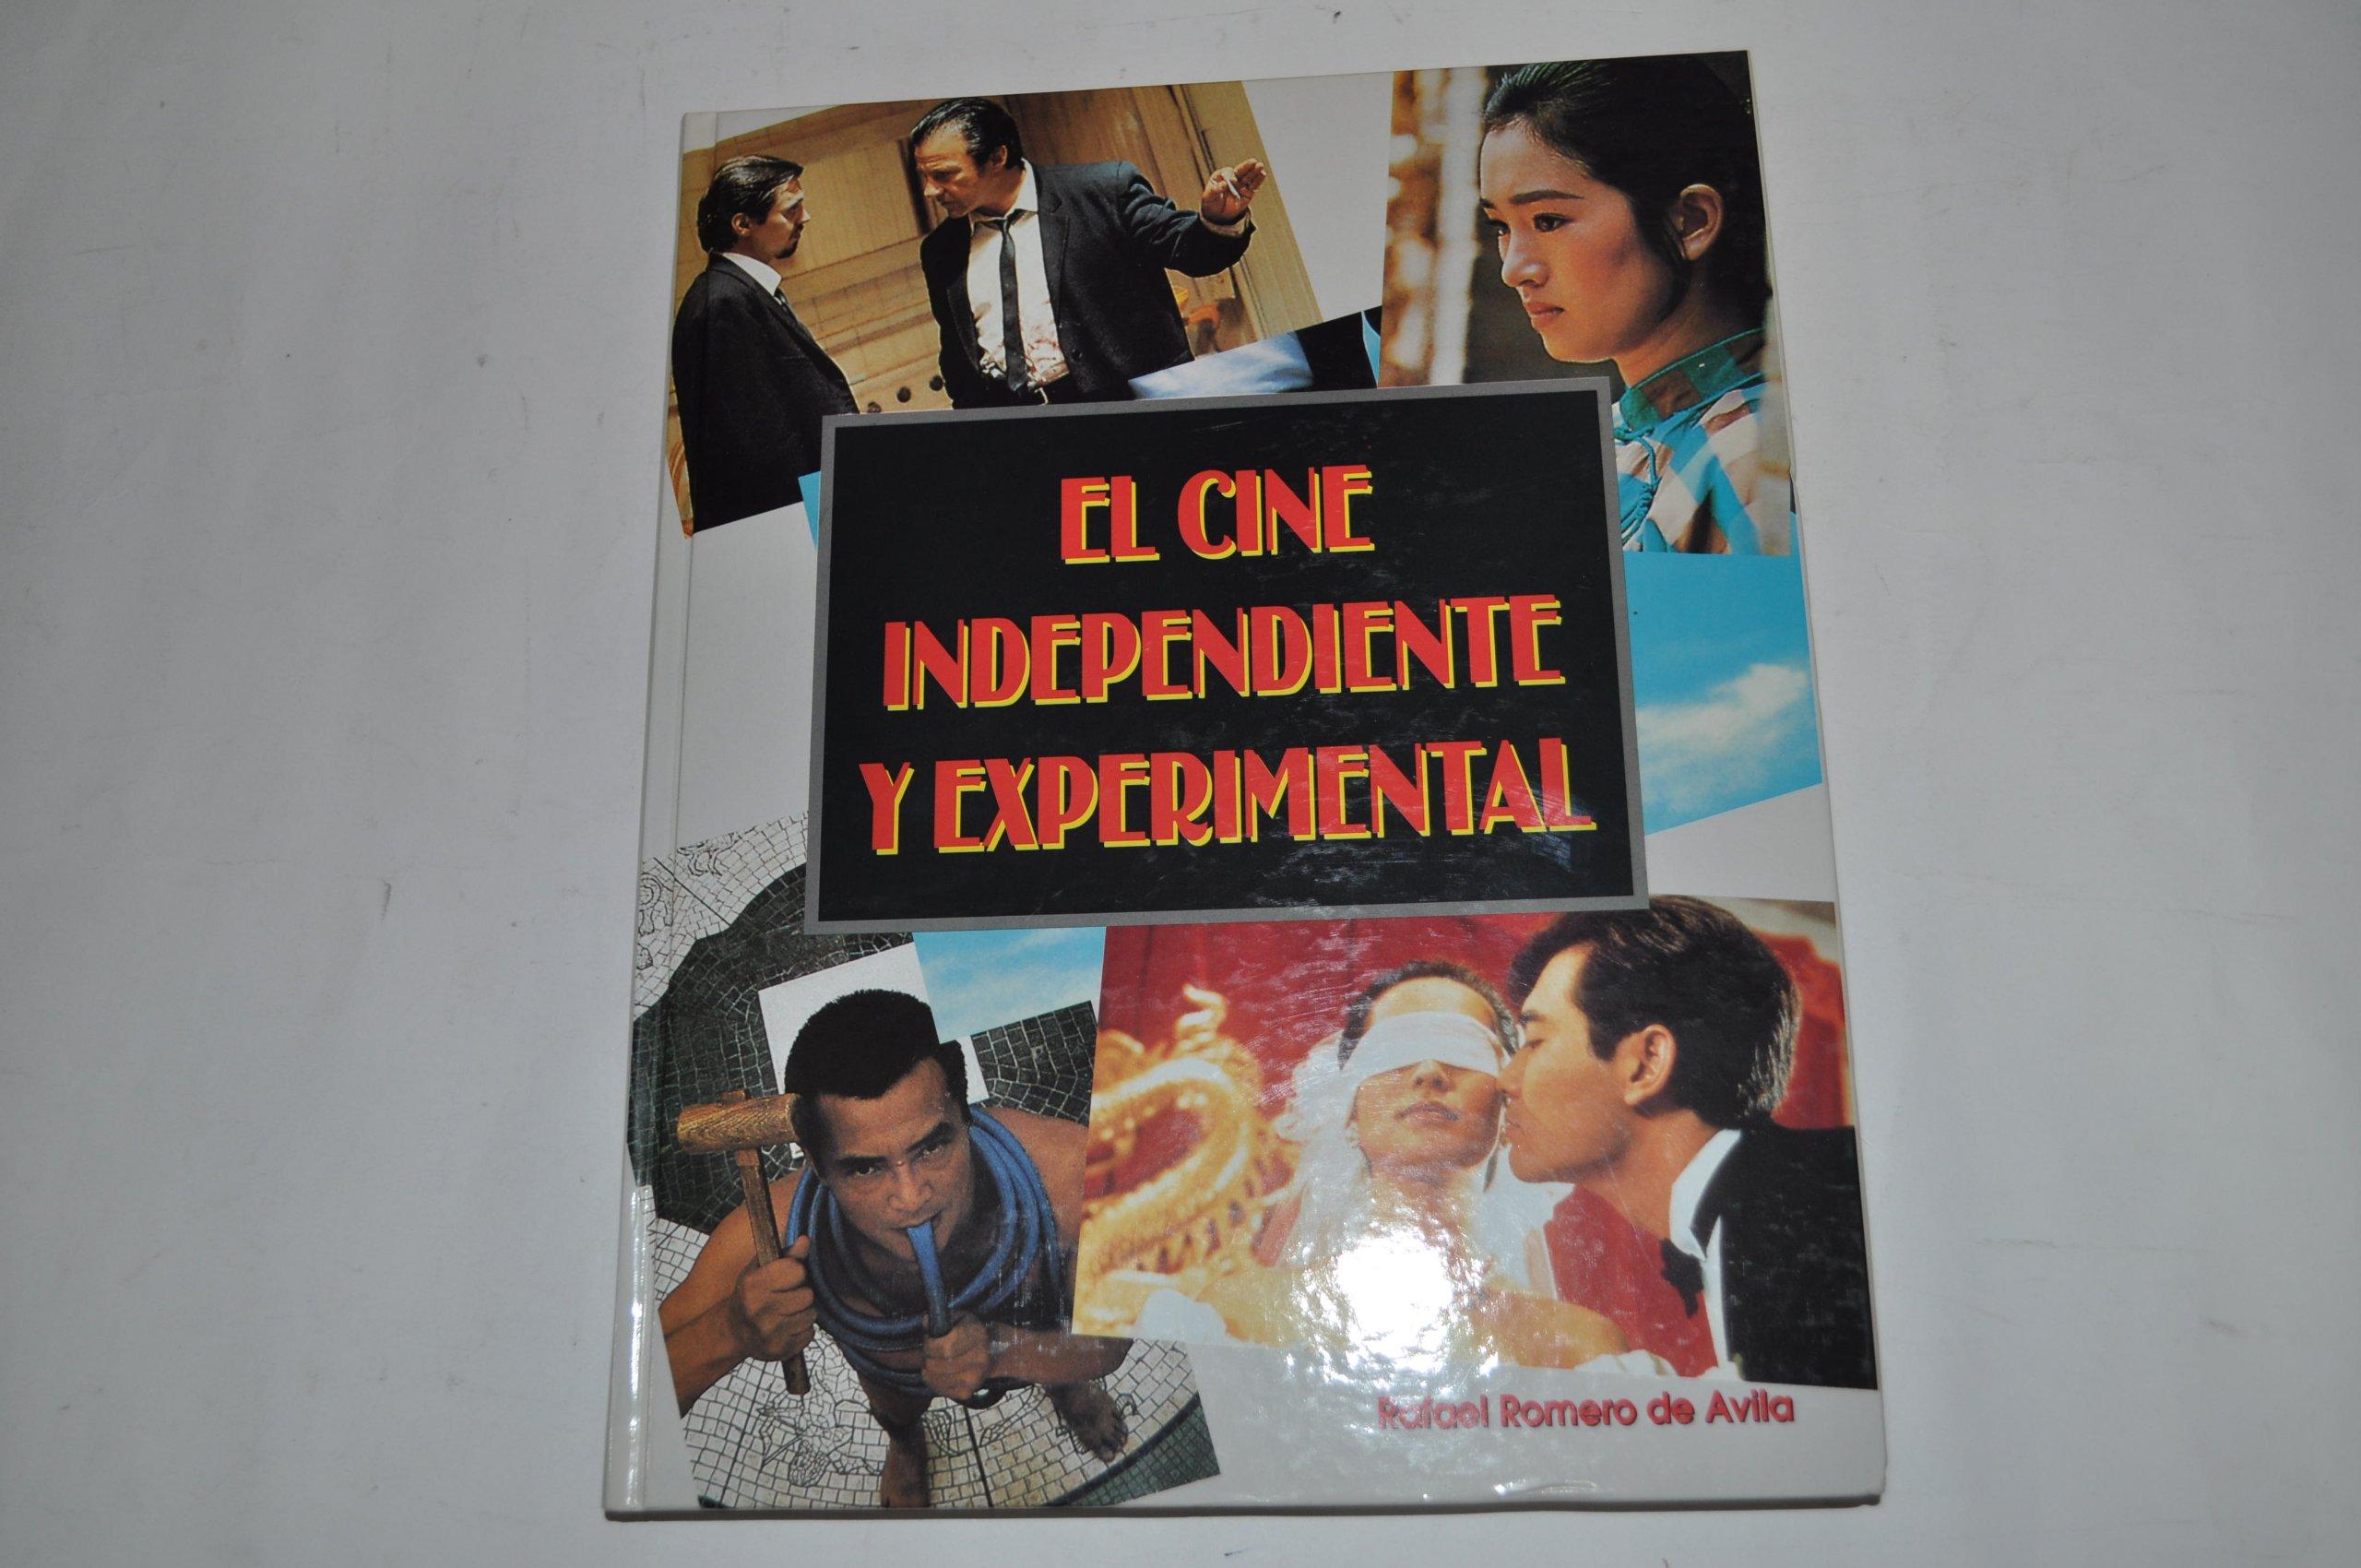 El cine independiente y experimental: Amazon.es: Rafael Romero De Avila: Libros